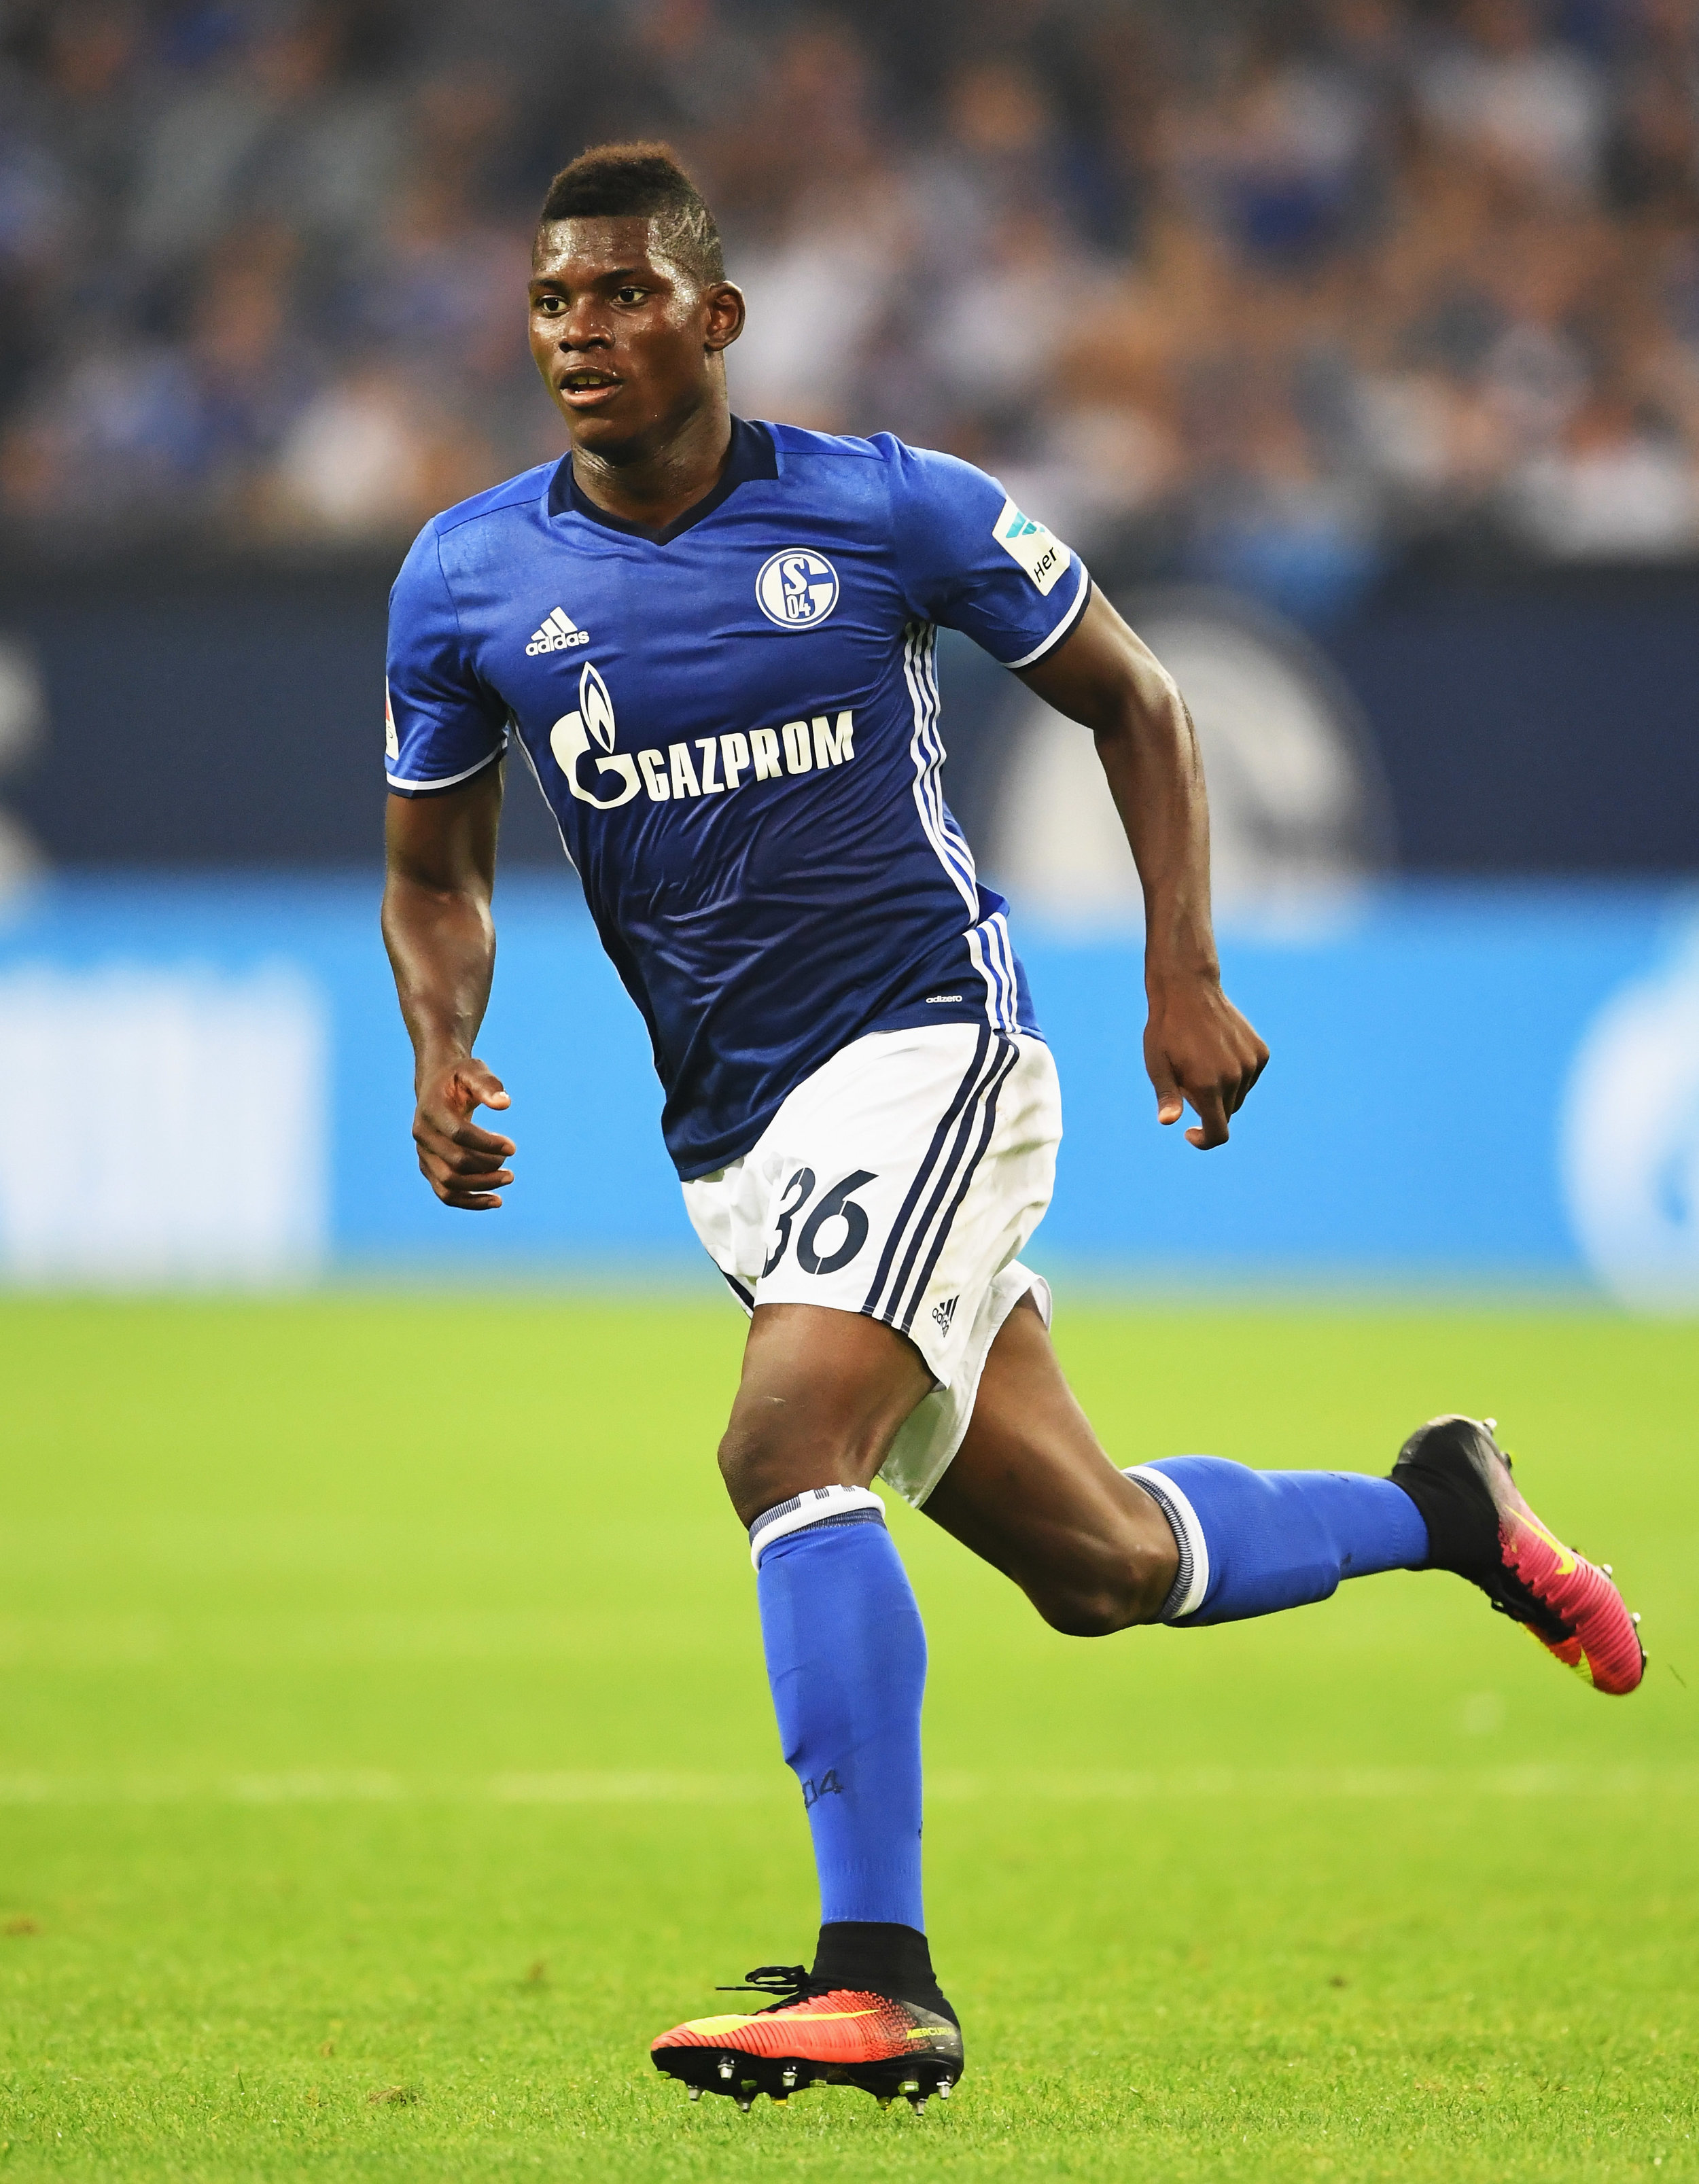 Det seneste stortalent der er blevet skudt afsted fra Basel. Breel Embolo blev denne sommer solgt til Schalke 04 for knap 200 mio.   Foto: Stuart Franklin/Getty Images